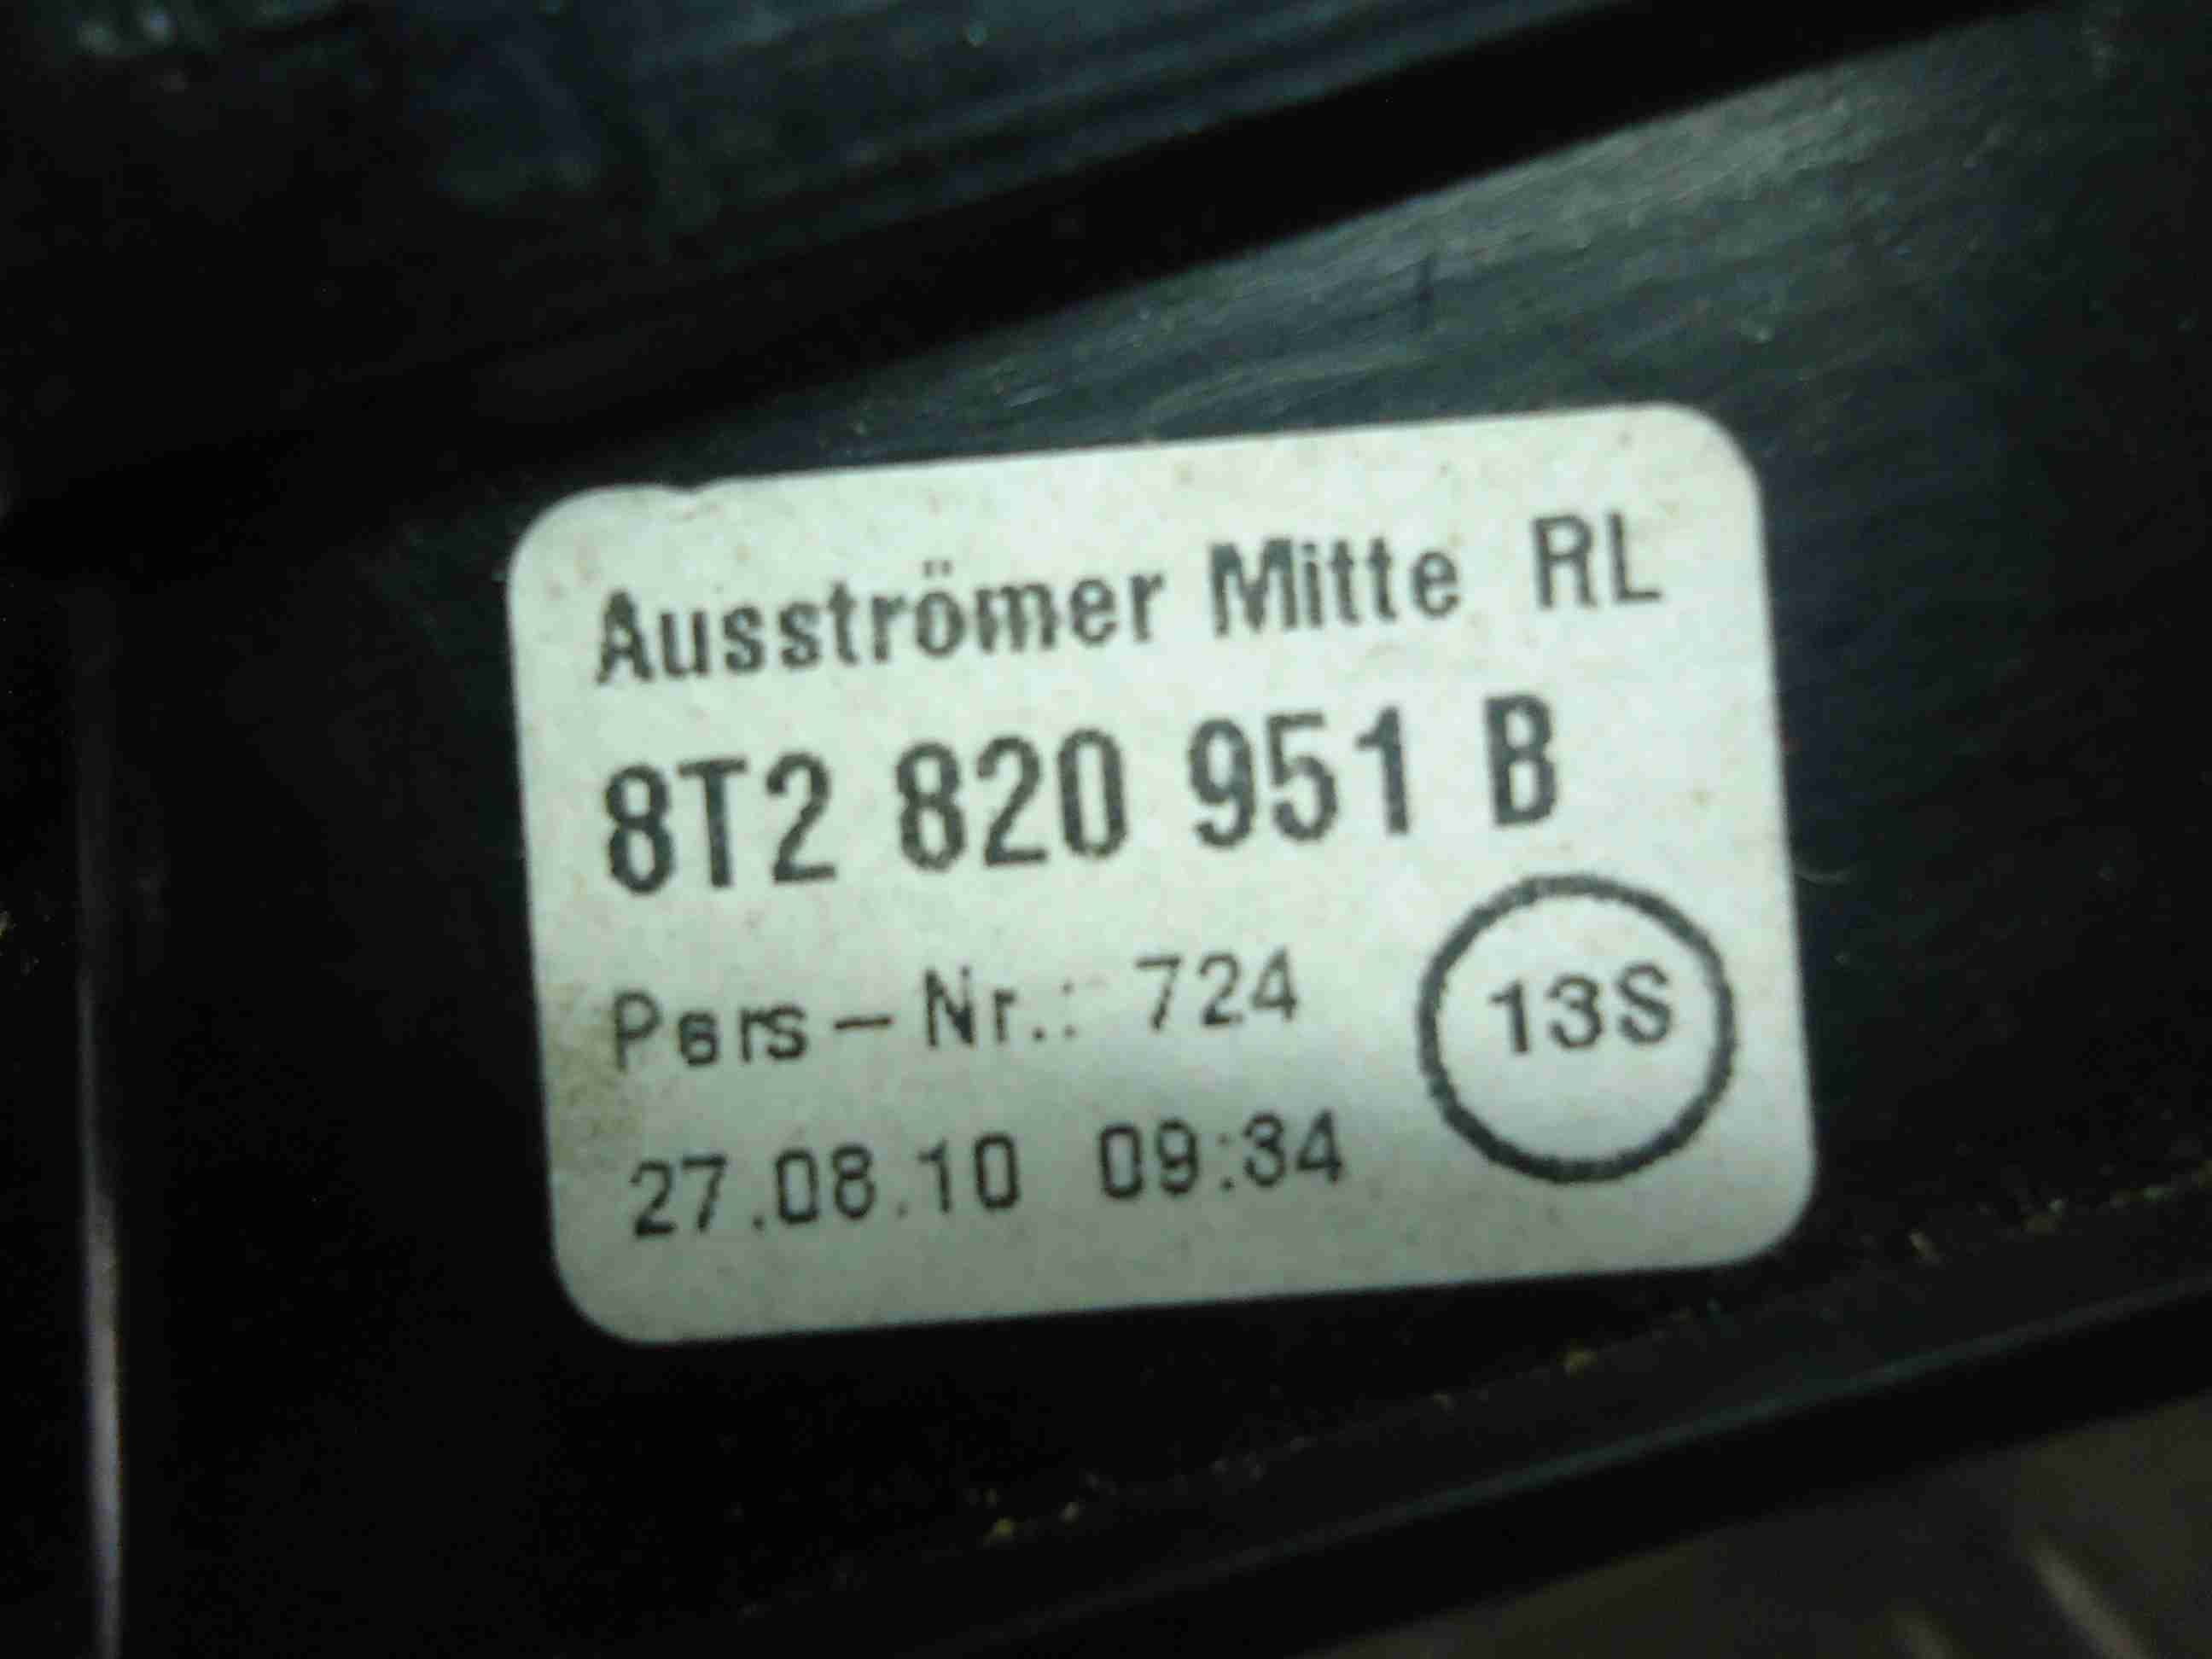 Дефлектор обдува салона Audi A5 (S5,RS5) 1 8T2820951B